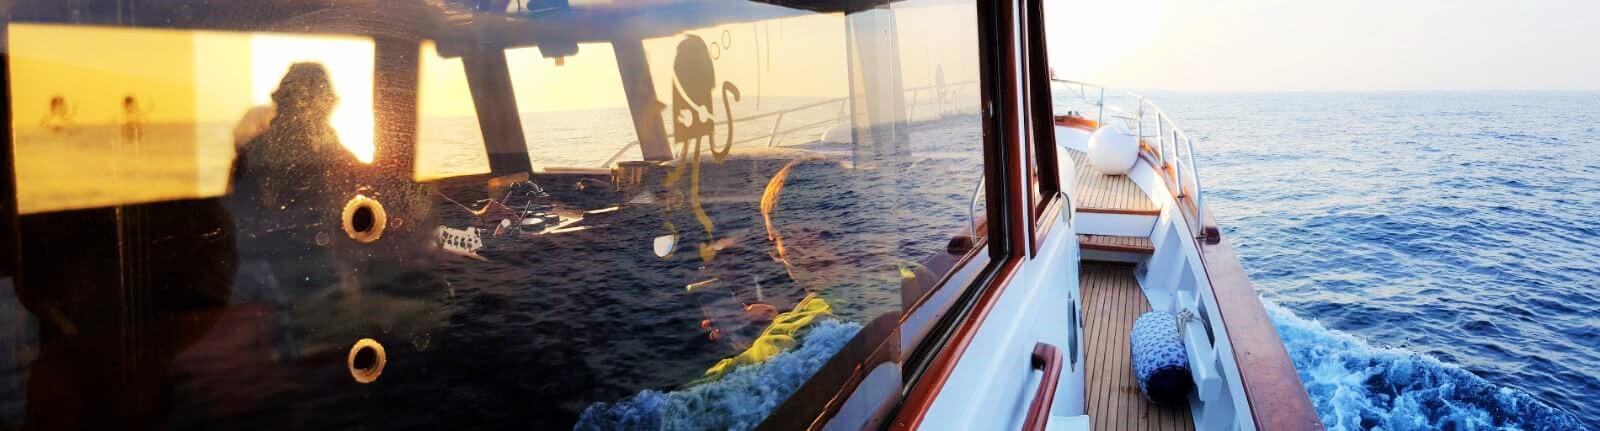 escursioni in barca napoli_noleggio barca con skipper